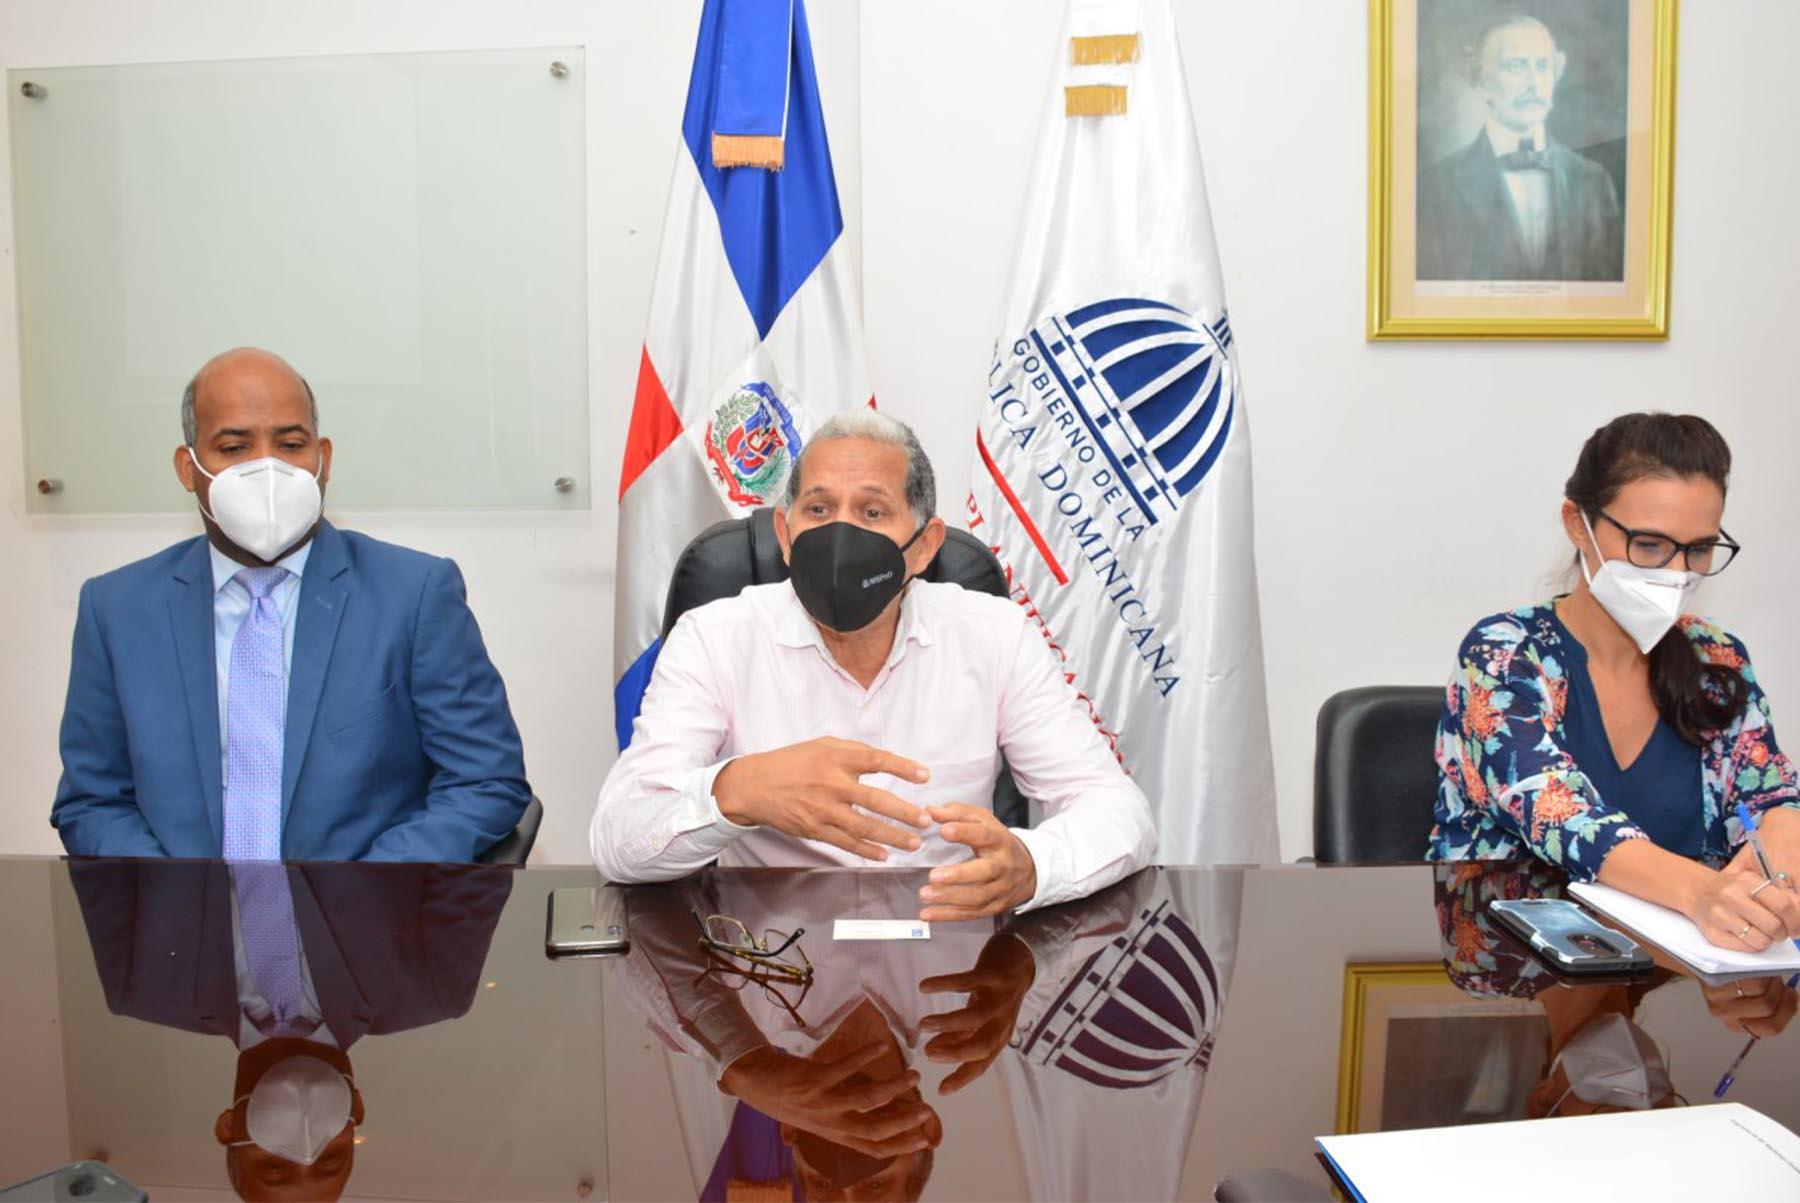 El viceministro de Ordenamiento Territorial y Desarrollo Regional, Domingo Matías, encabezó la reunión de trabajo con PNUD. A su izquierda, el director de Promoción de los Consejos de Desarrollo Provinciales, Luis Alberto Caraballo y la encargada de coordinación de los ODS por el PNUD, Magdalena Martínez del Cerro.